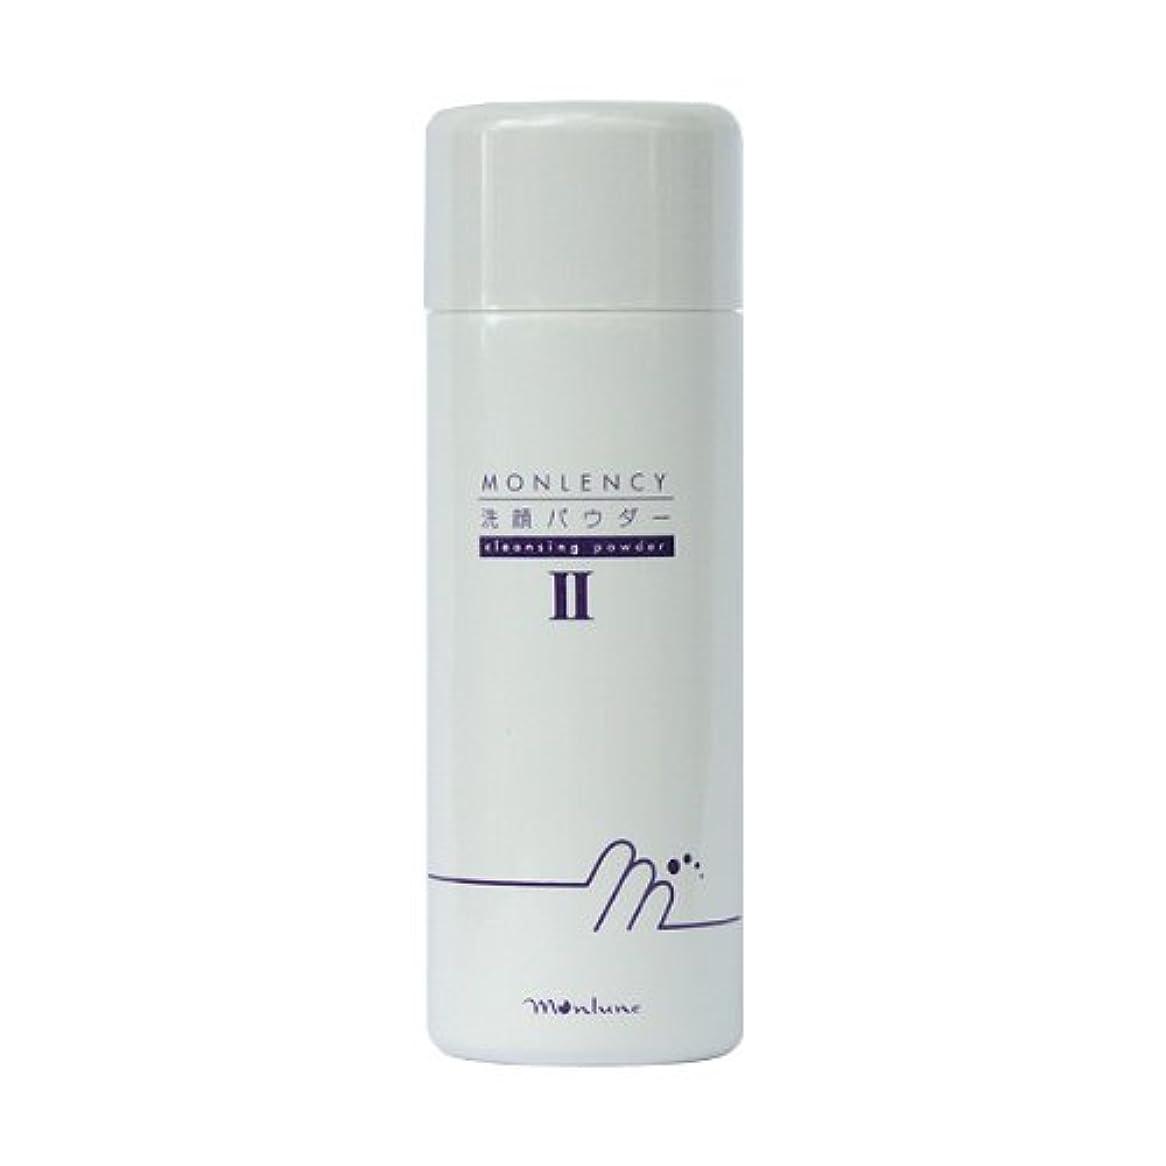 ノーブルダンス完全に乾くモンルナ モンレンシーII 洗顔パウダー 容量110g